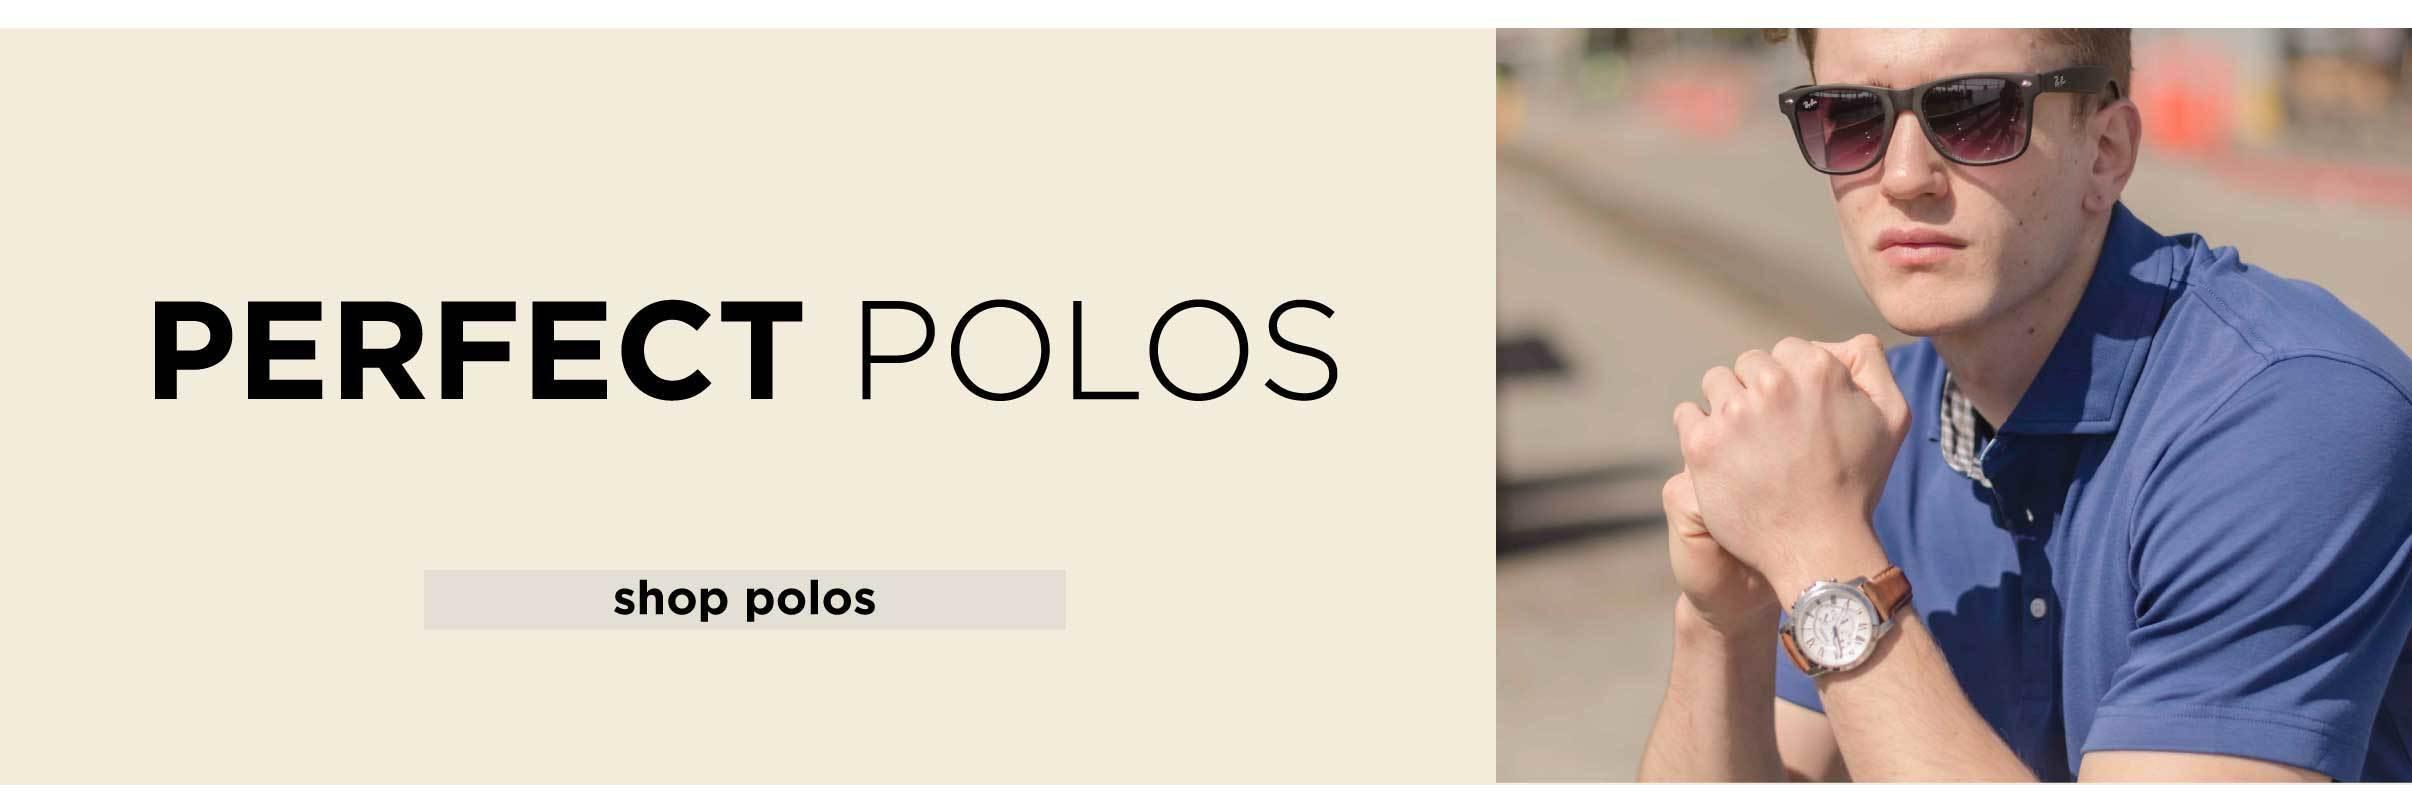 Perfect Polo